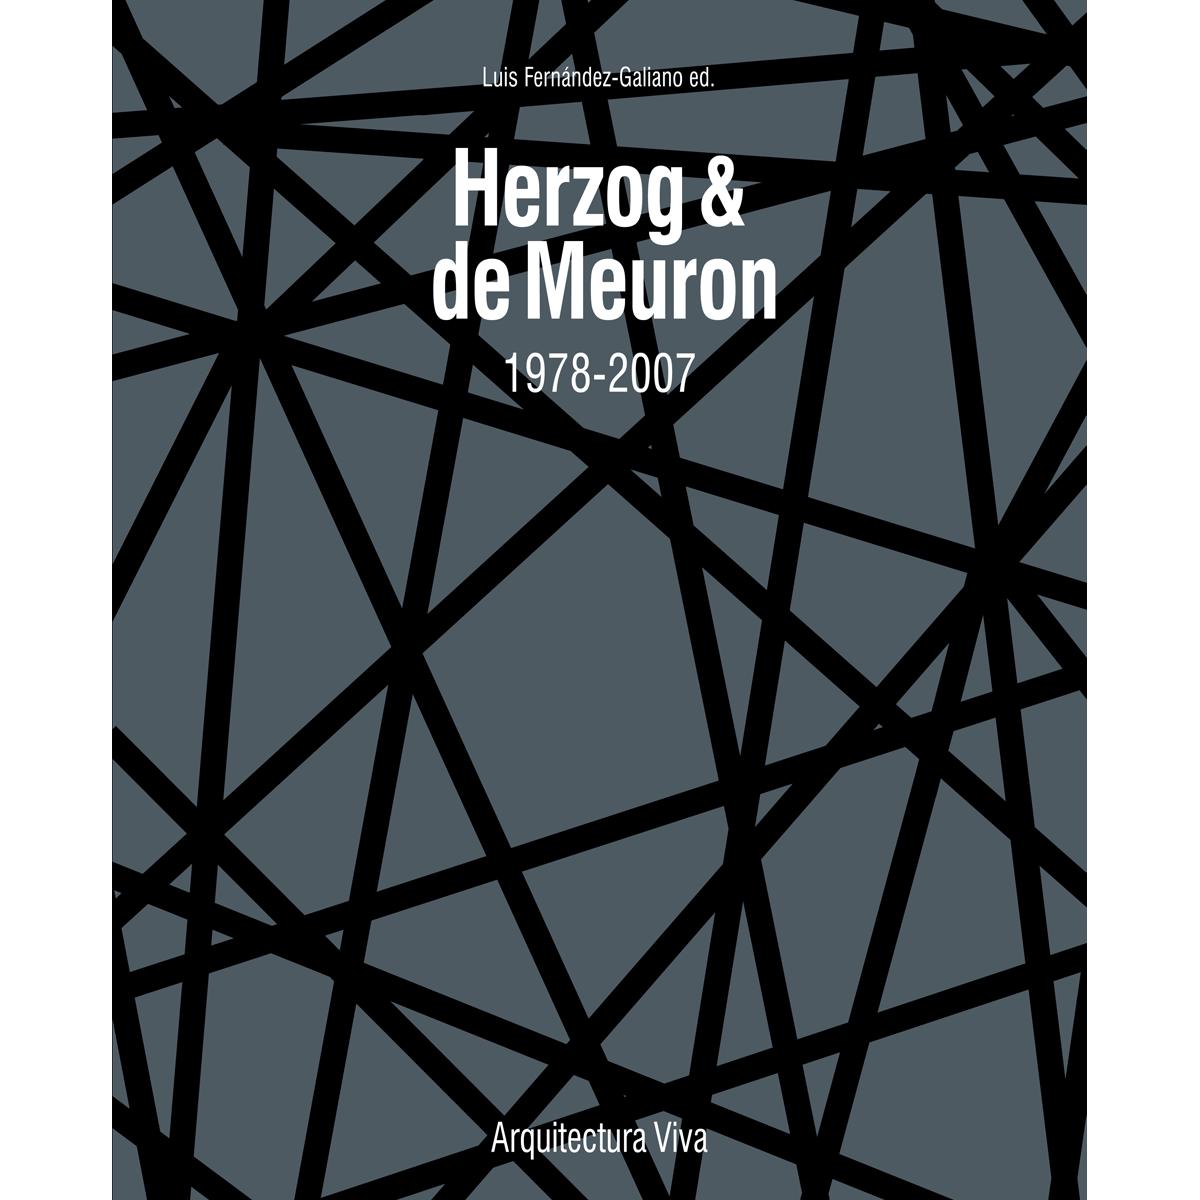 Herzog & de Meuron 1978-2007